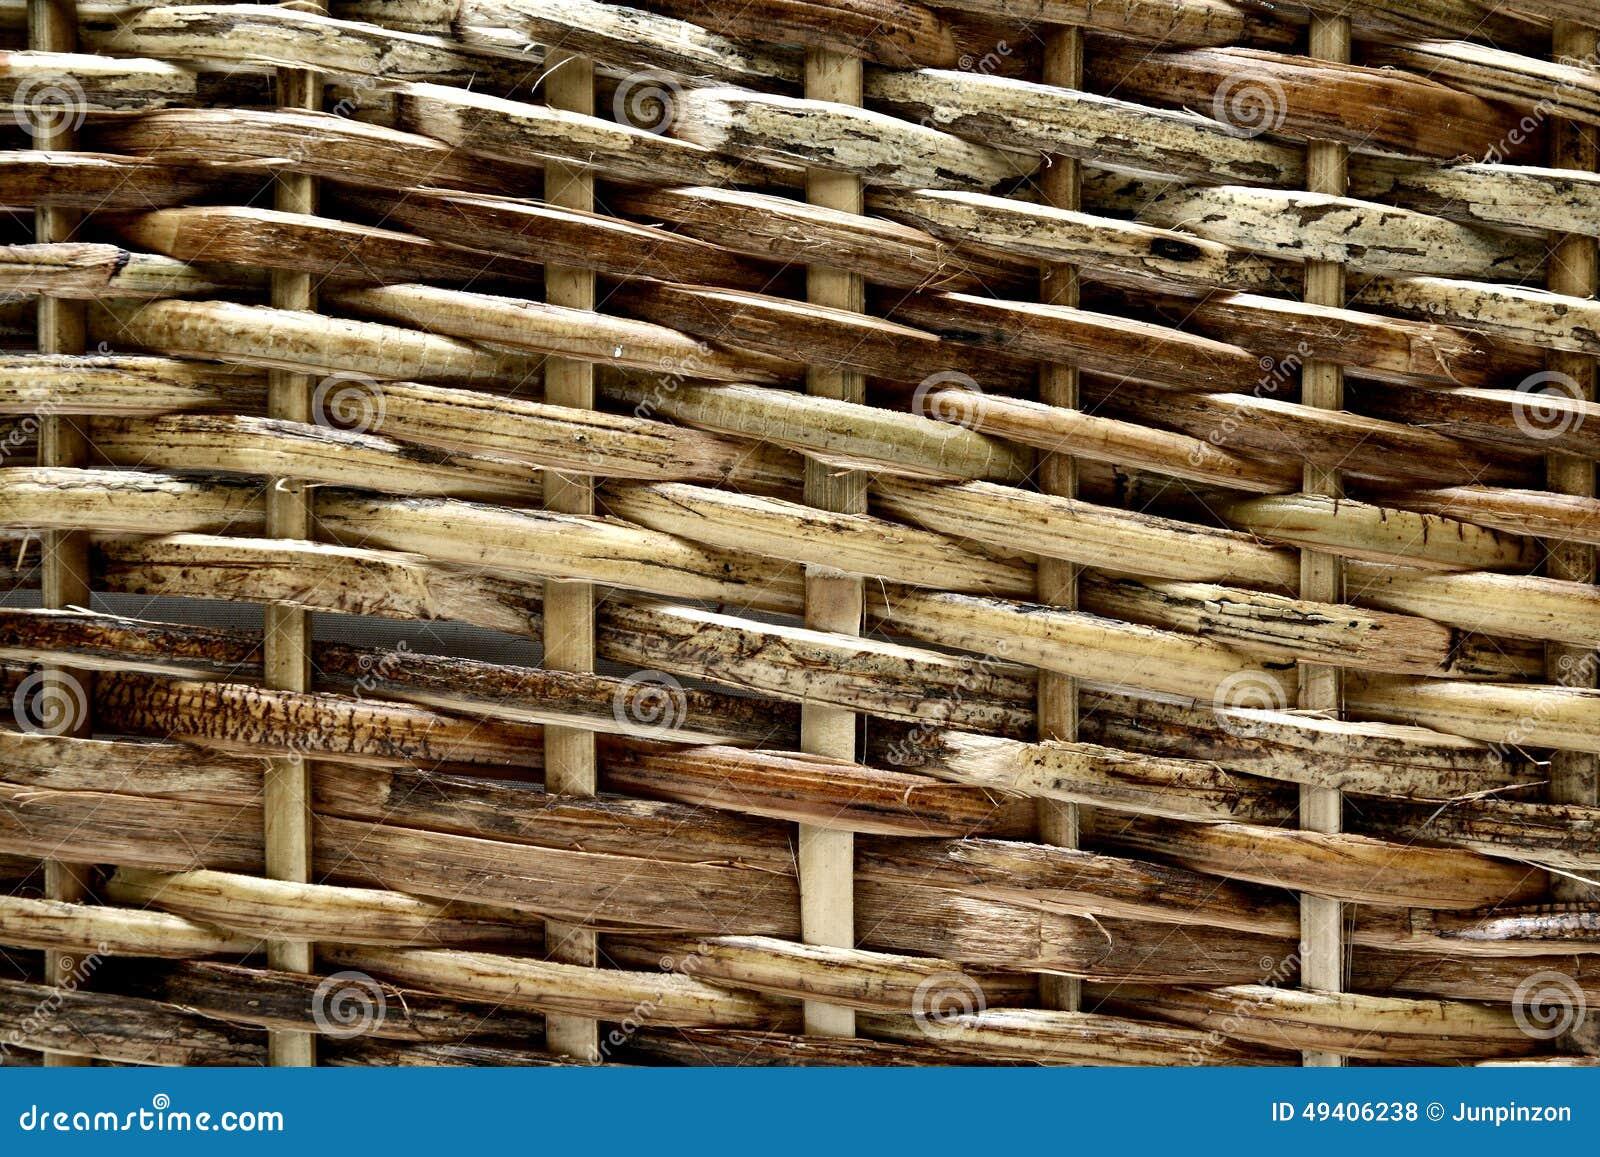 Download Beschaffenheitsmusterhintergrund, Gesponnenes Holz Stockfoto - Bild von natürlichkeit, beschaffenheit: 49406238